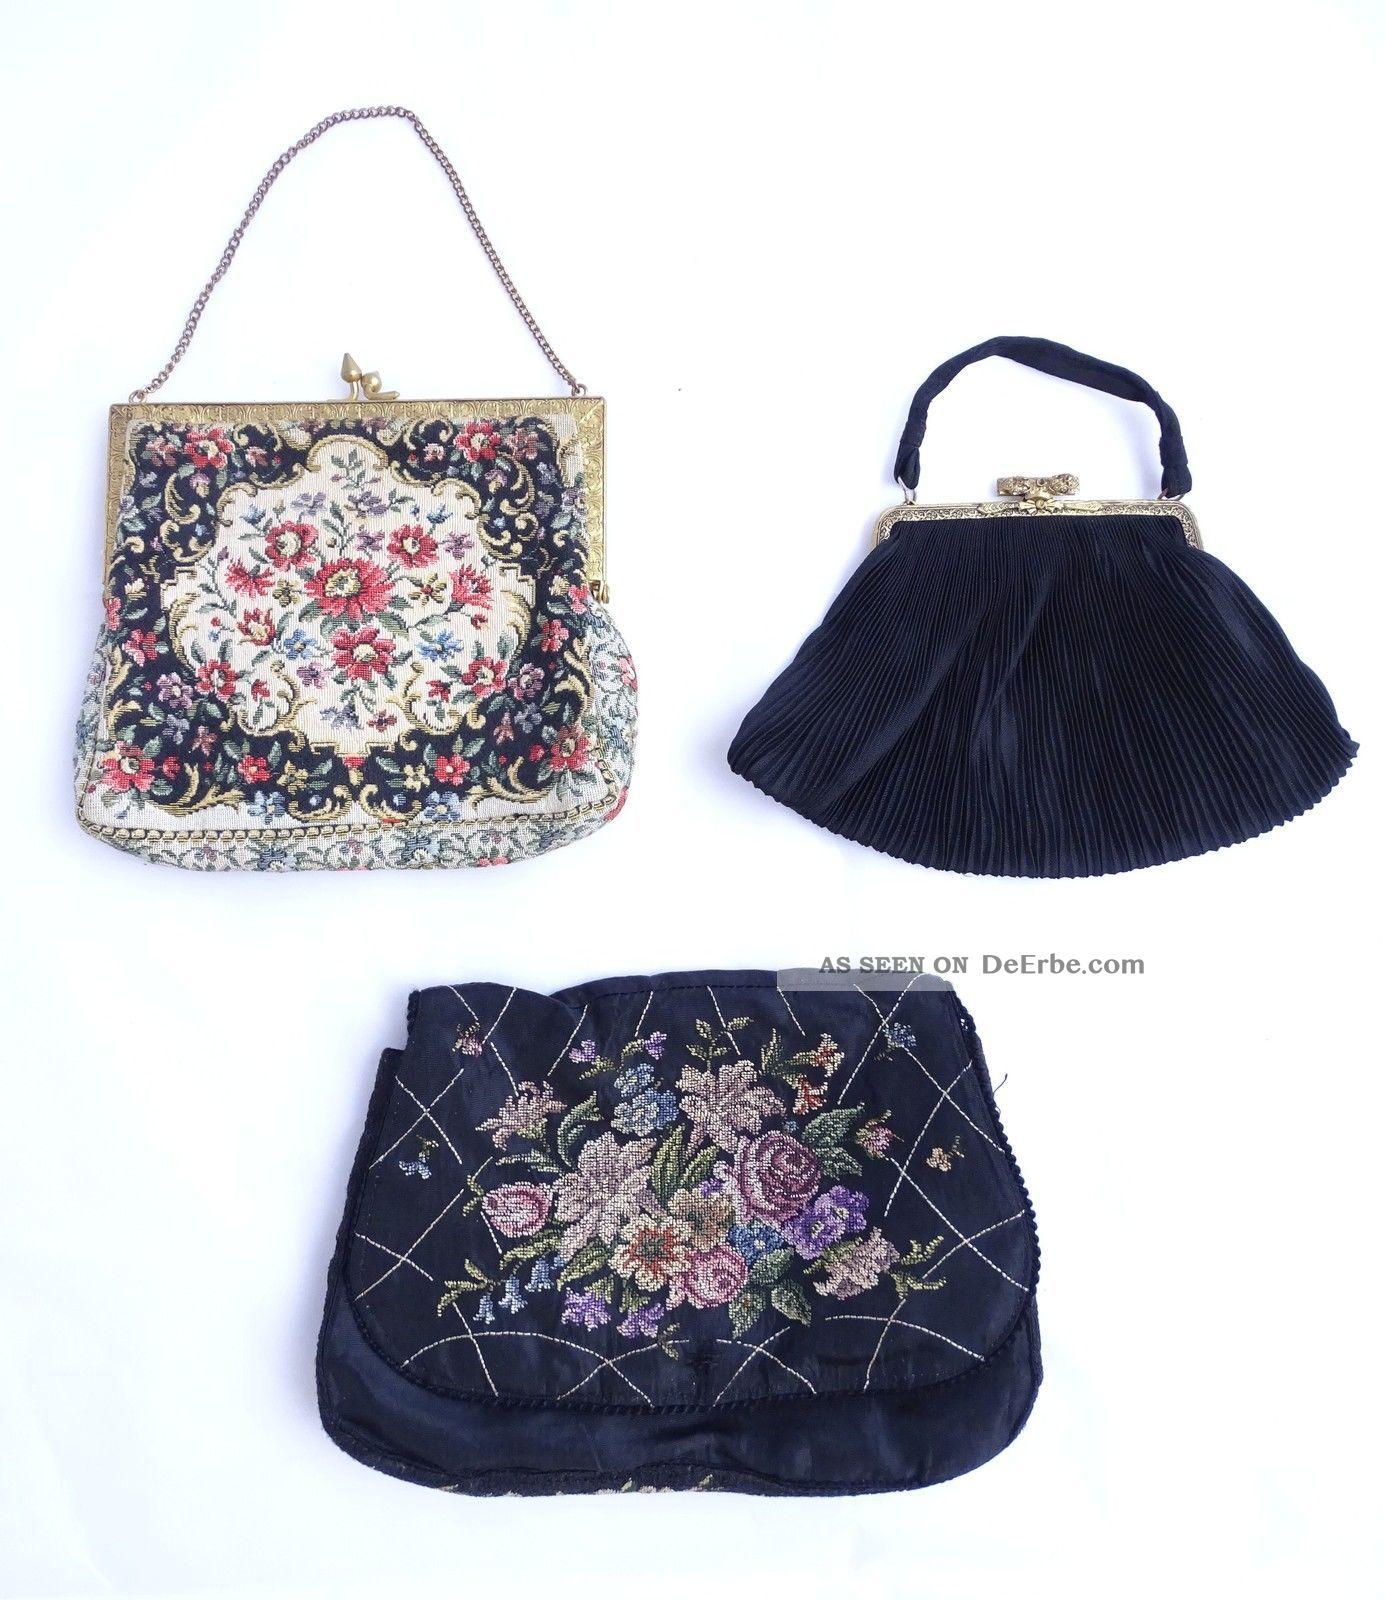 3 Herrliche Alte Abendtaschen Handtaschen Damen Taschen Vor 1950 1920-1949, Art Déco Bild